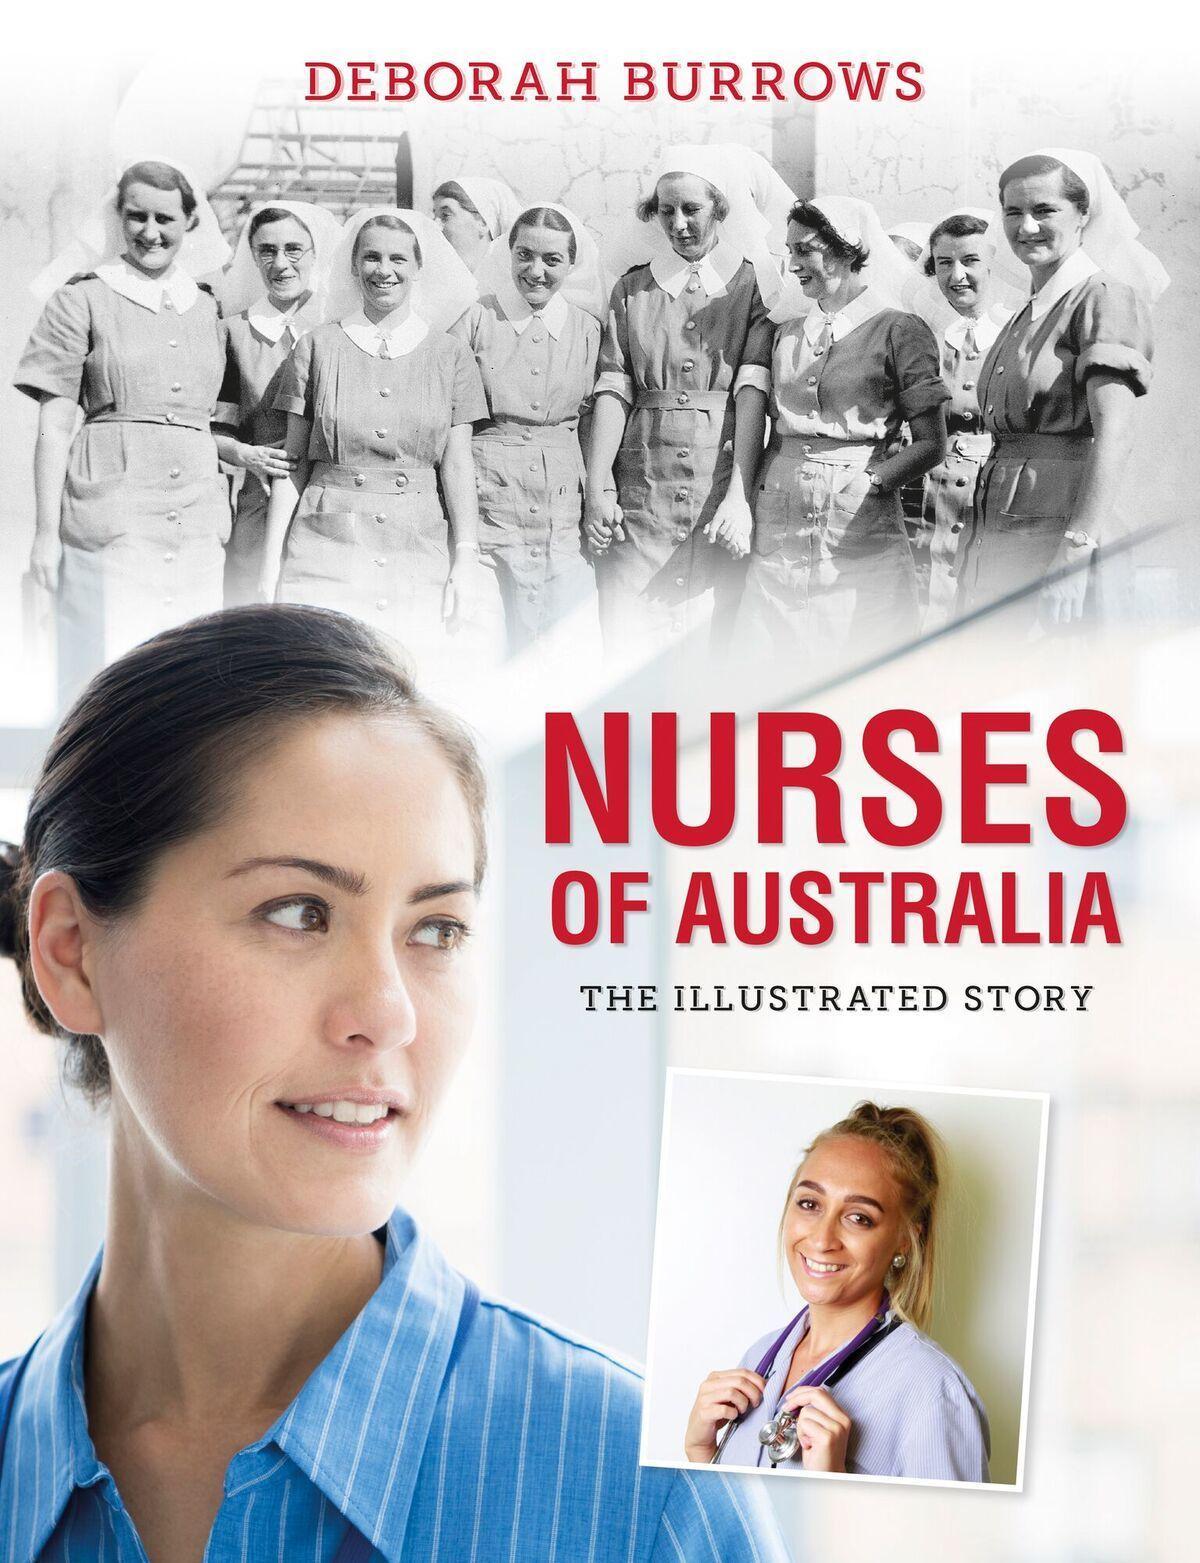 Nurses of Australia: The Illustrated Story